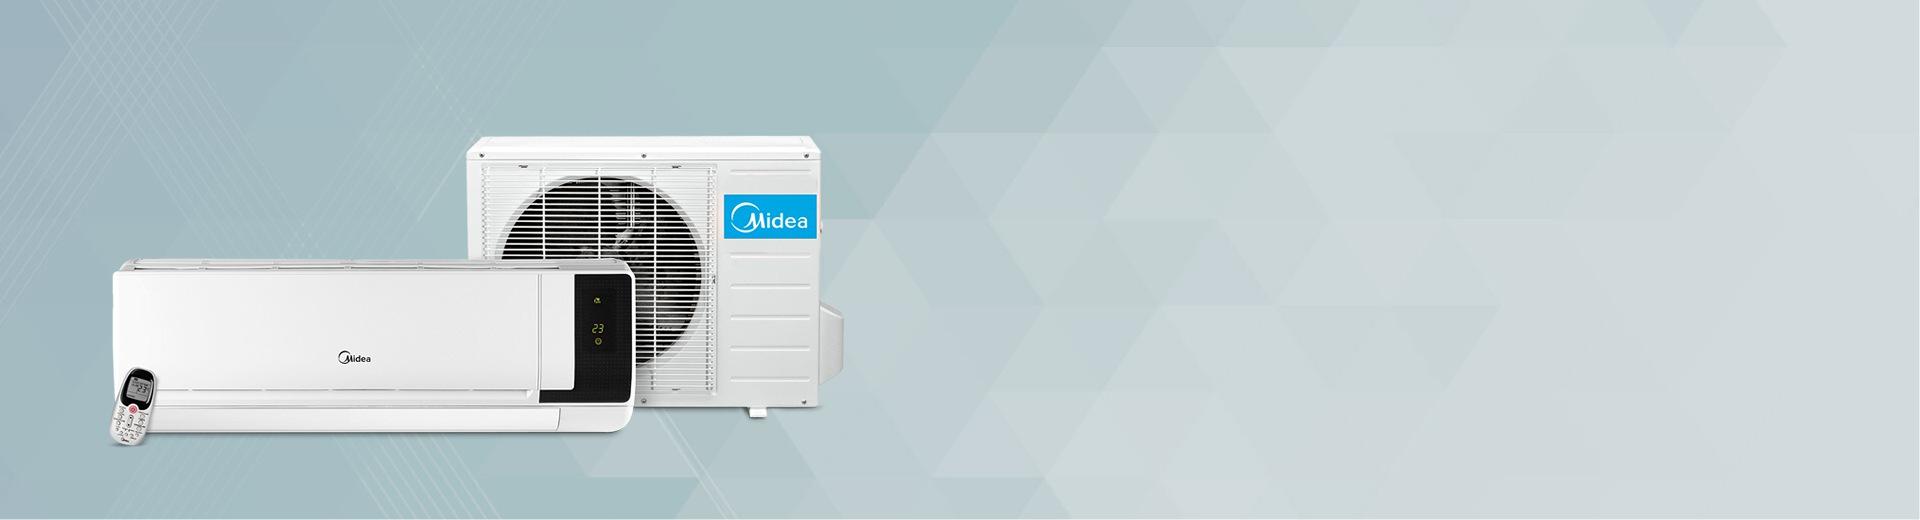 فروش ، تعمیر و سرویس داکت اسپلیت کولر گازی در کرج